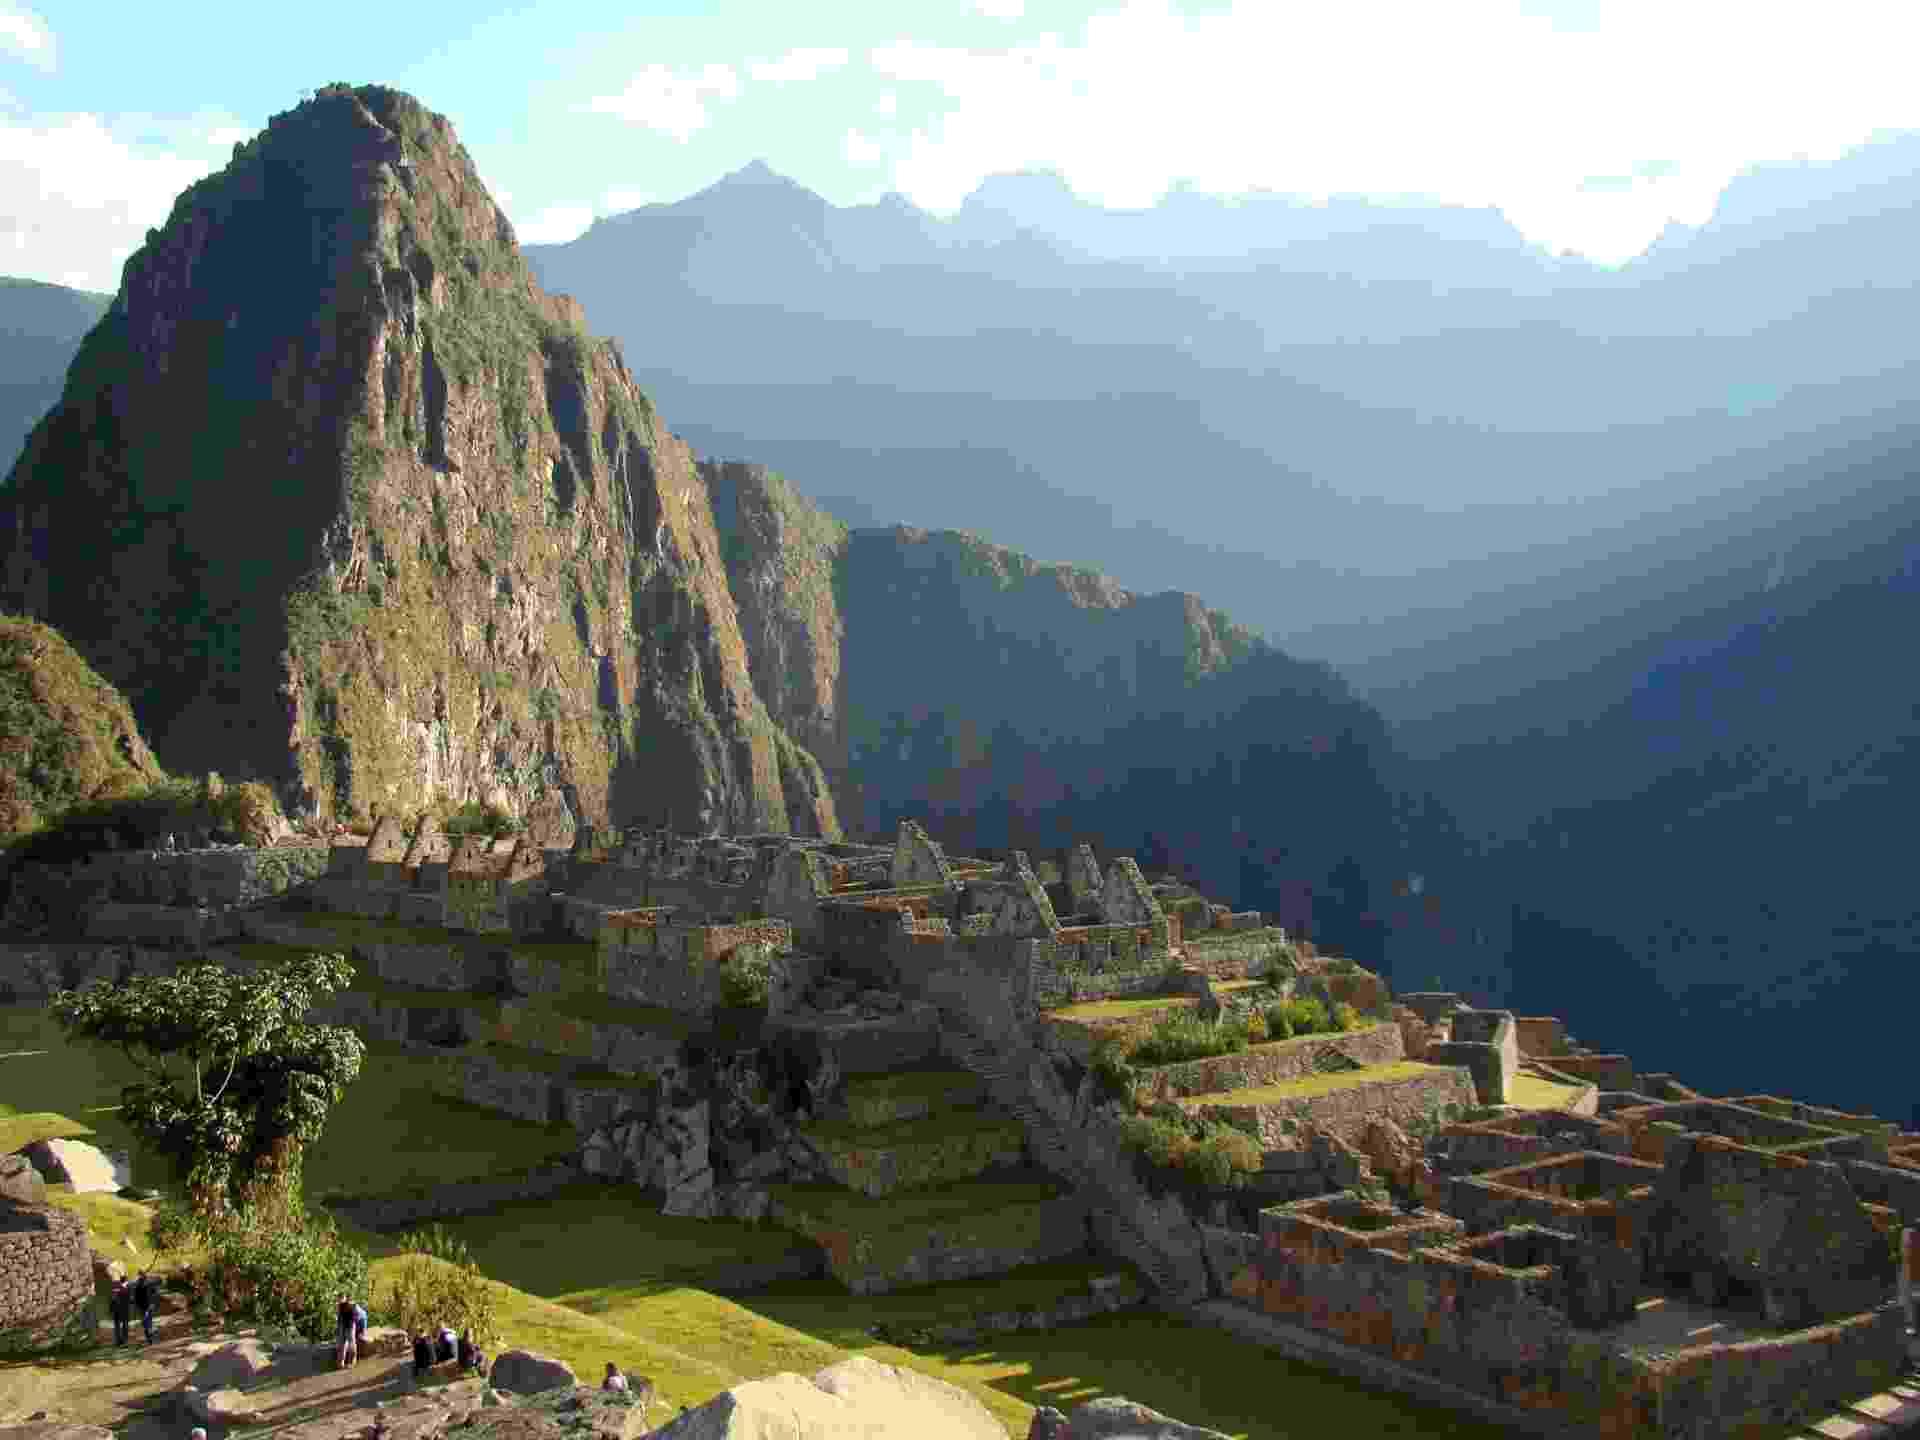 Lima, Cusco, Vale Sagrado e Machu Pichu (Peru) - Divulgação